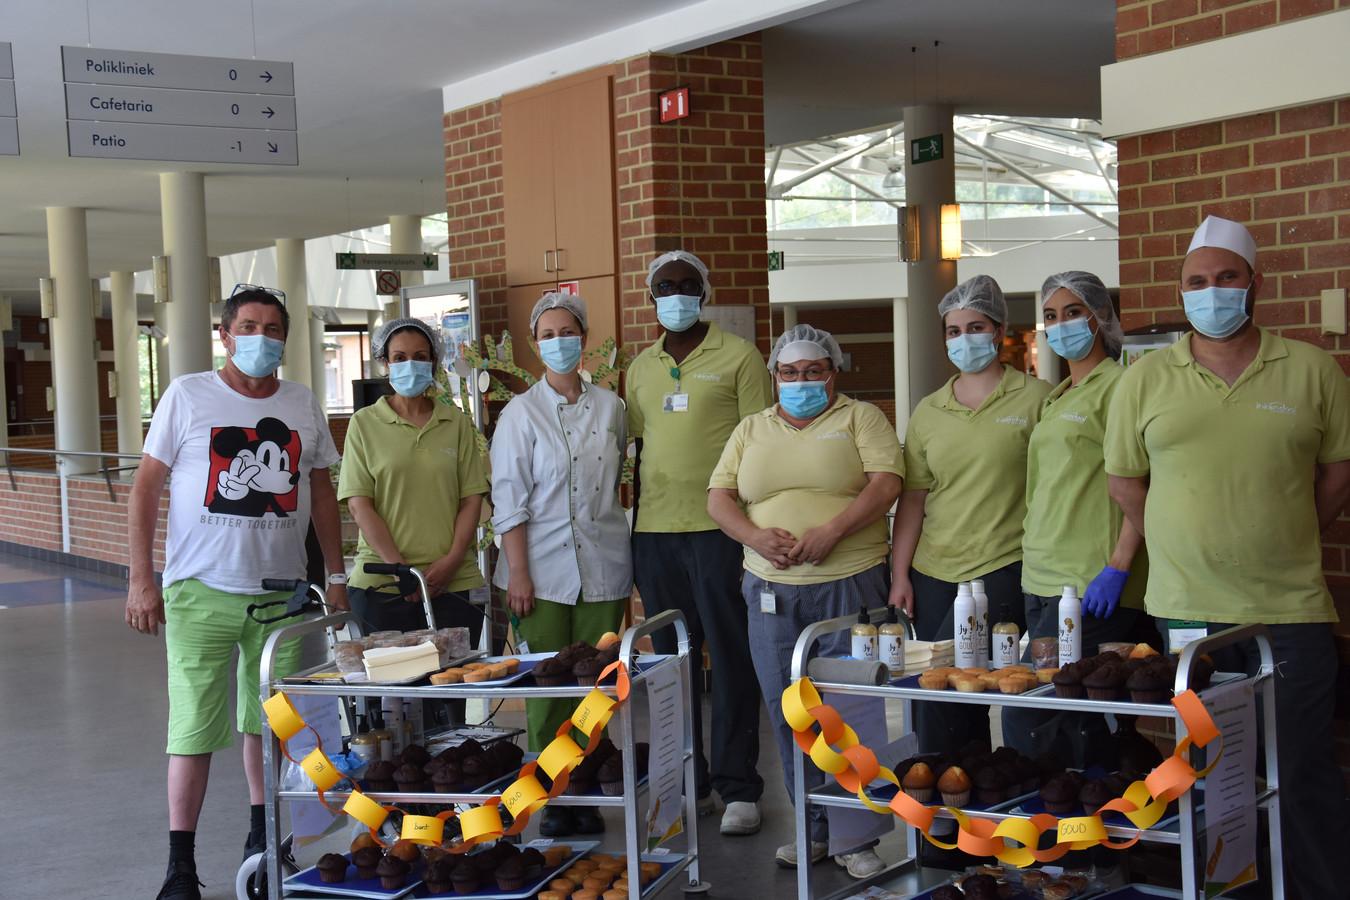 Het personeel van revalidatieziekenhuis Inkendaal in Vlezenbeek verwende de revalidanten de voorbije week extra.